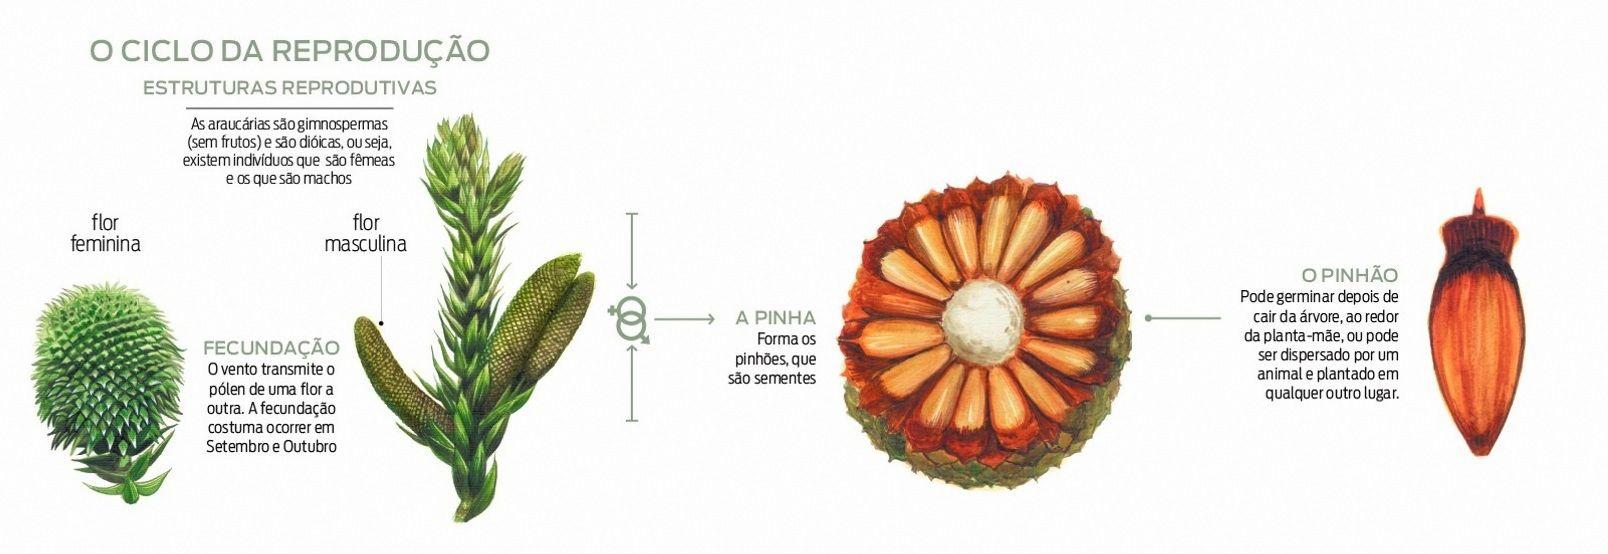 Estruturas reprodutivas da araucária